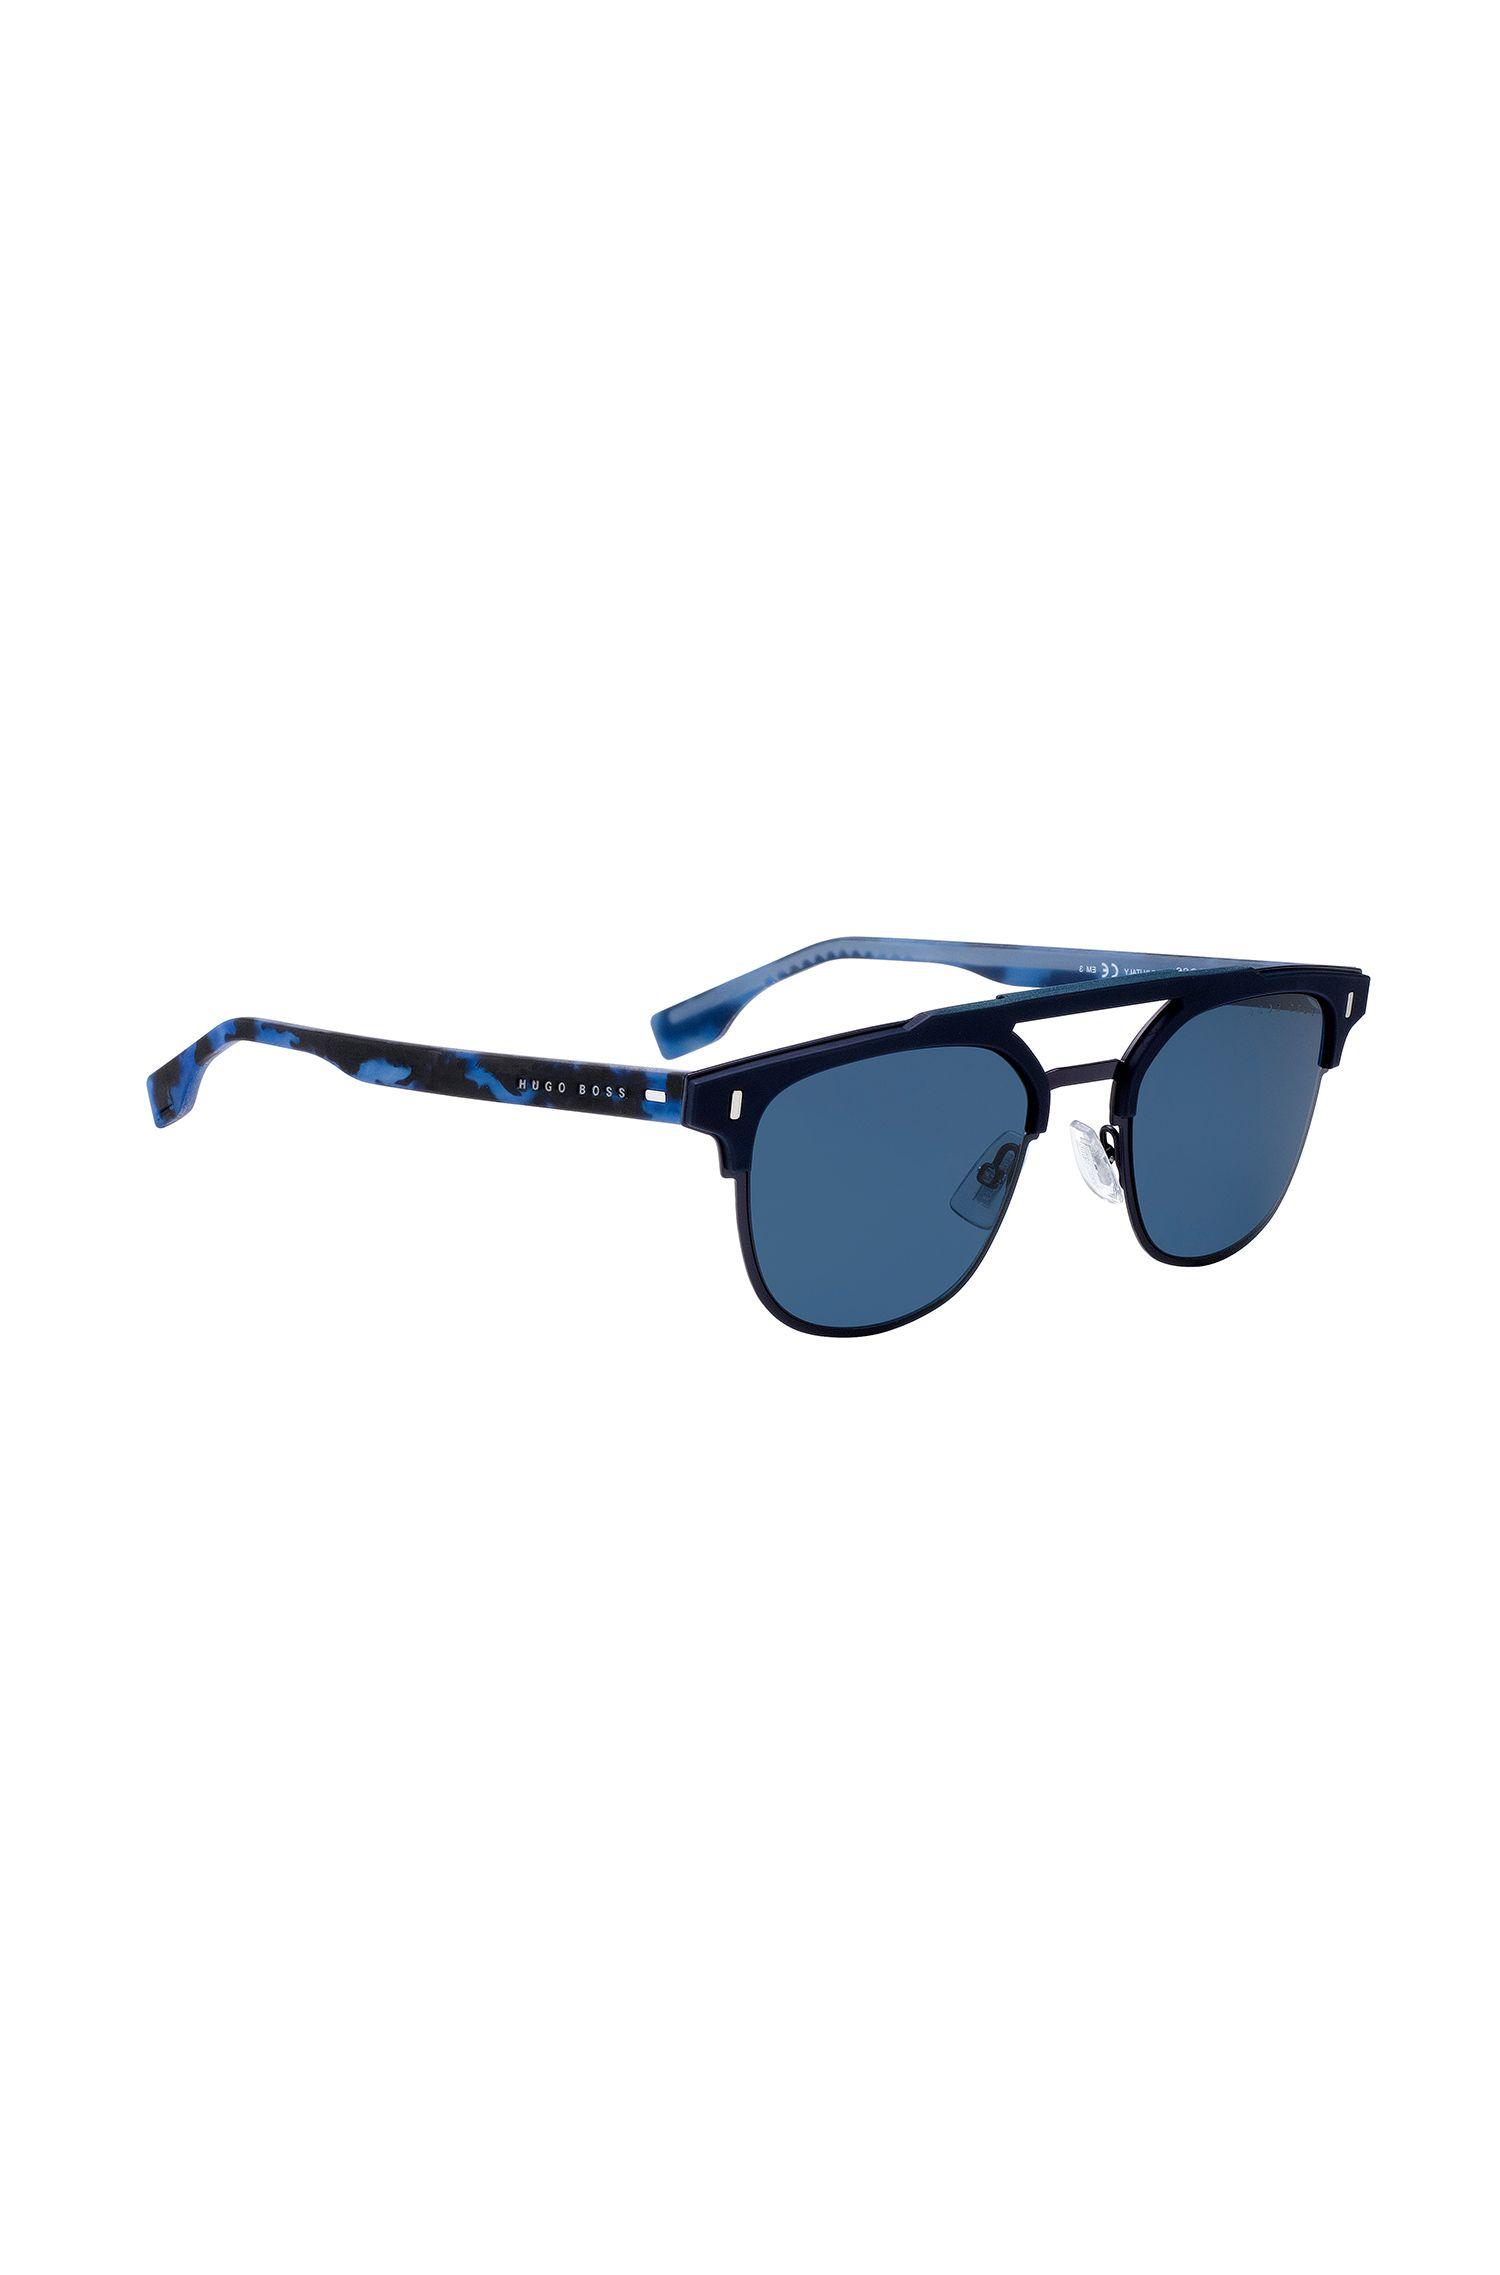 Gafas de sol azul mate con patillas de goma en estilo Habana